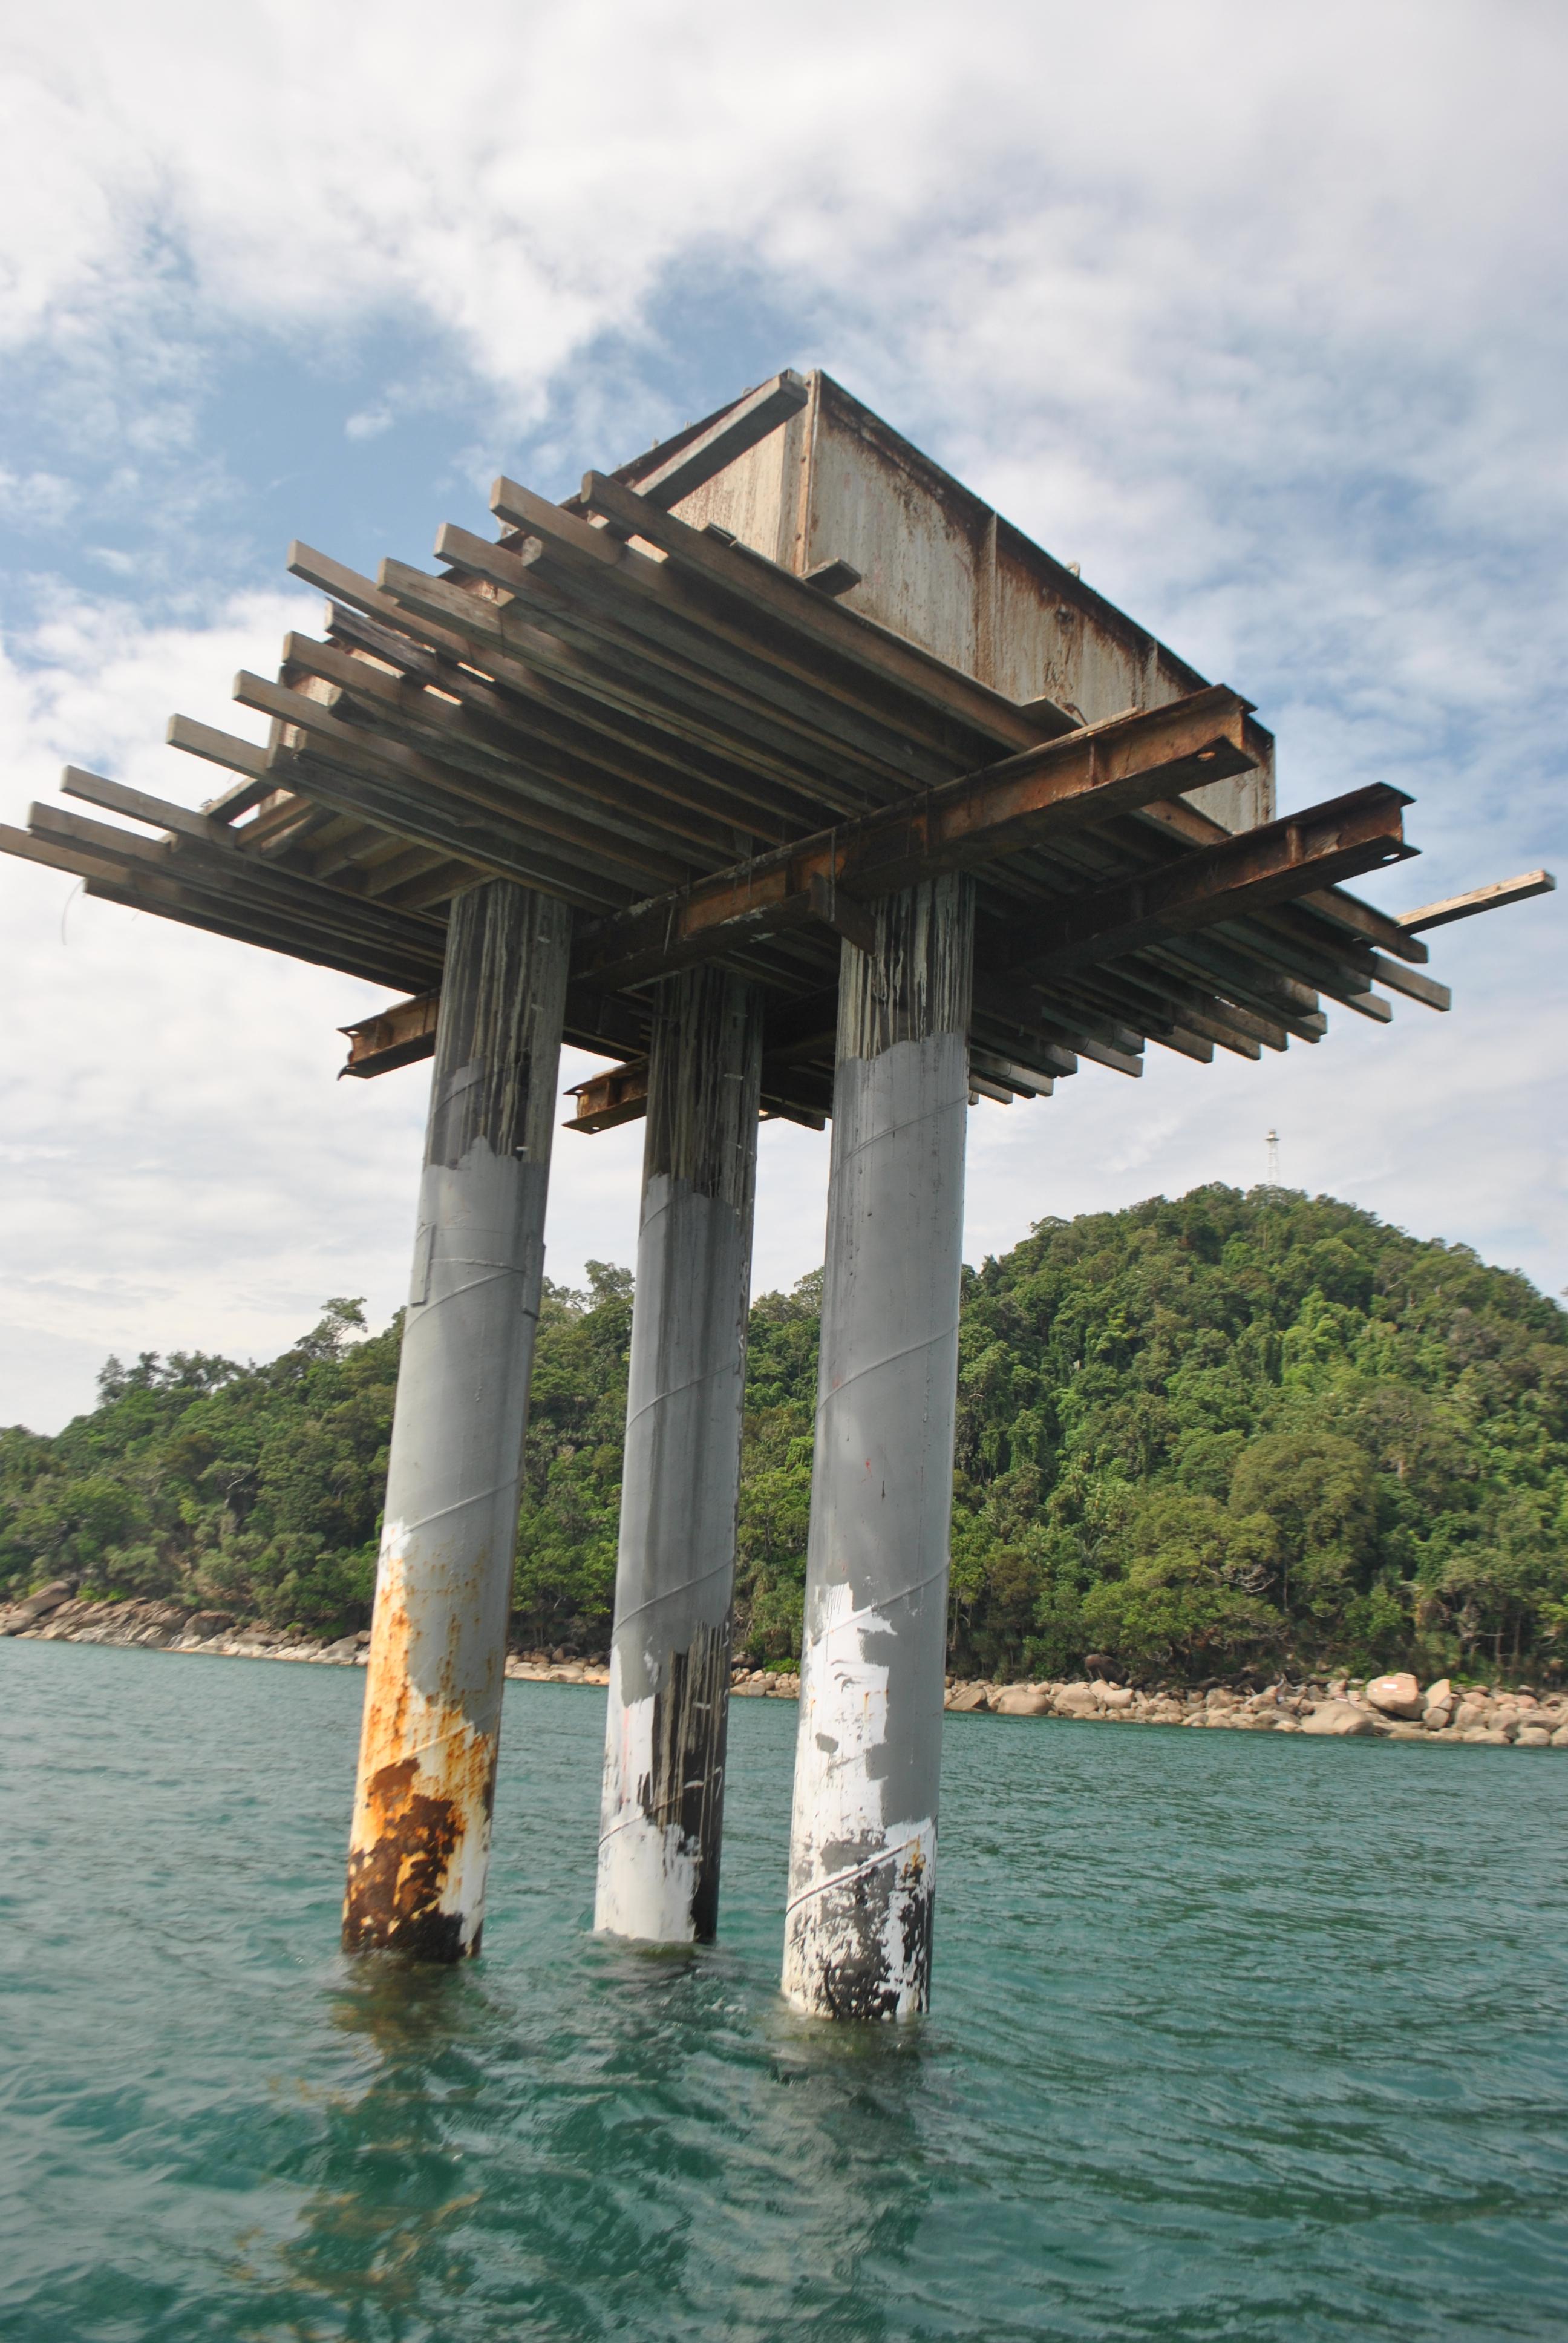 Pilar dasar mercusuar lepas pantai yang sempat memanaskan suhu di perbatasan karena pemerintah Malaysia membangunnya di kawasan abu-abu. Pembangunan dihentikan setelah Pemerintah Indonesia melancarkan protes.